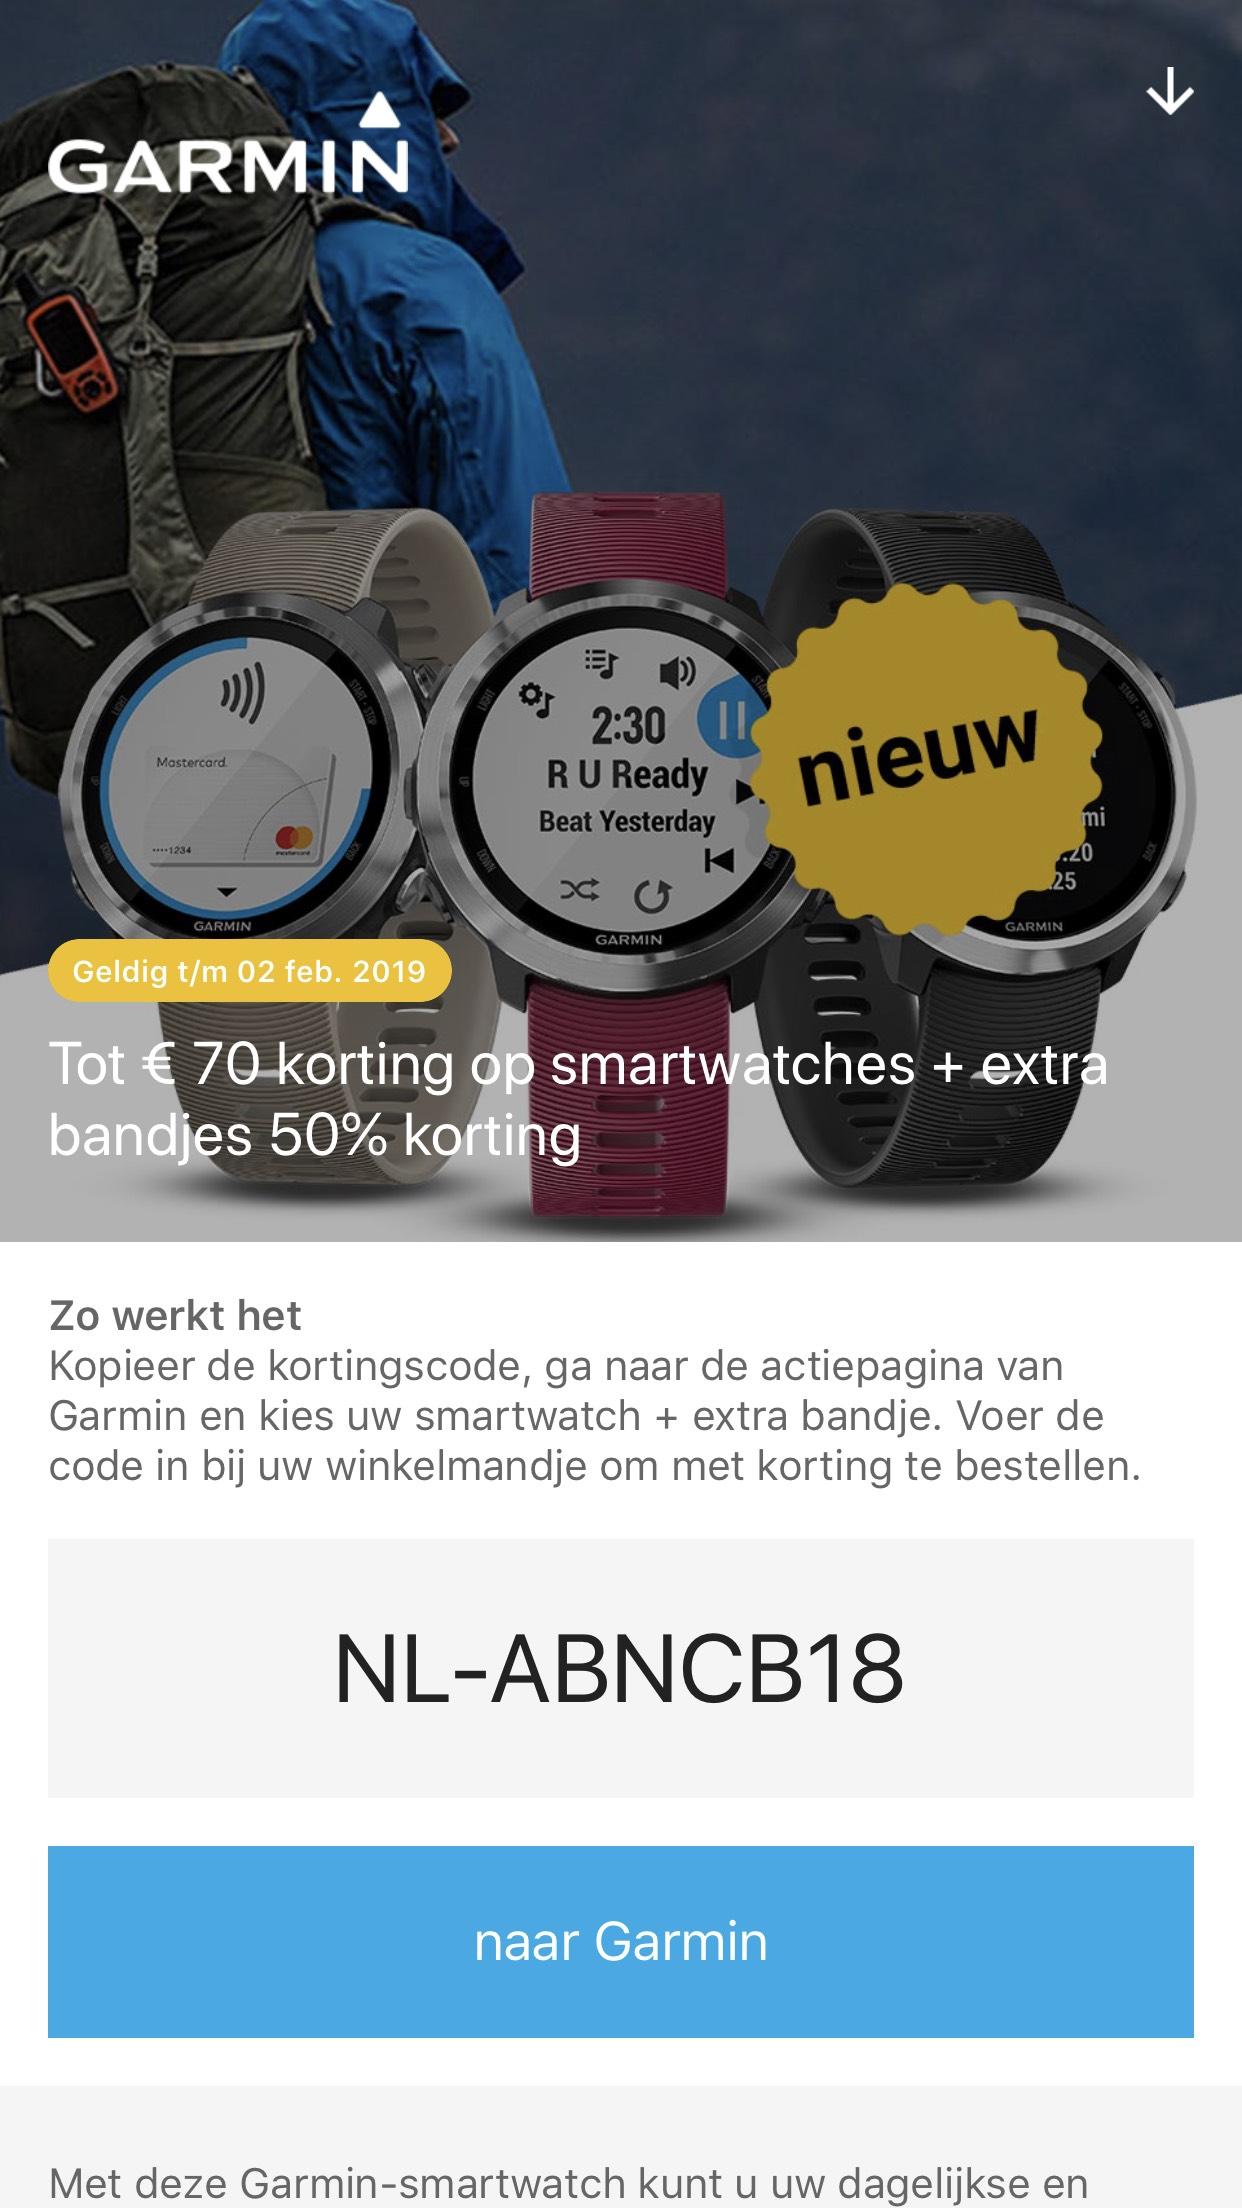 Tot €70 korting op Garmin Smartwatches en 50% korting op extra bandjes